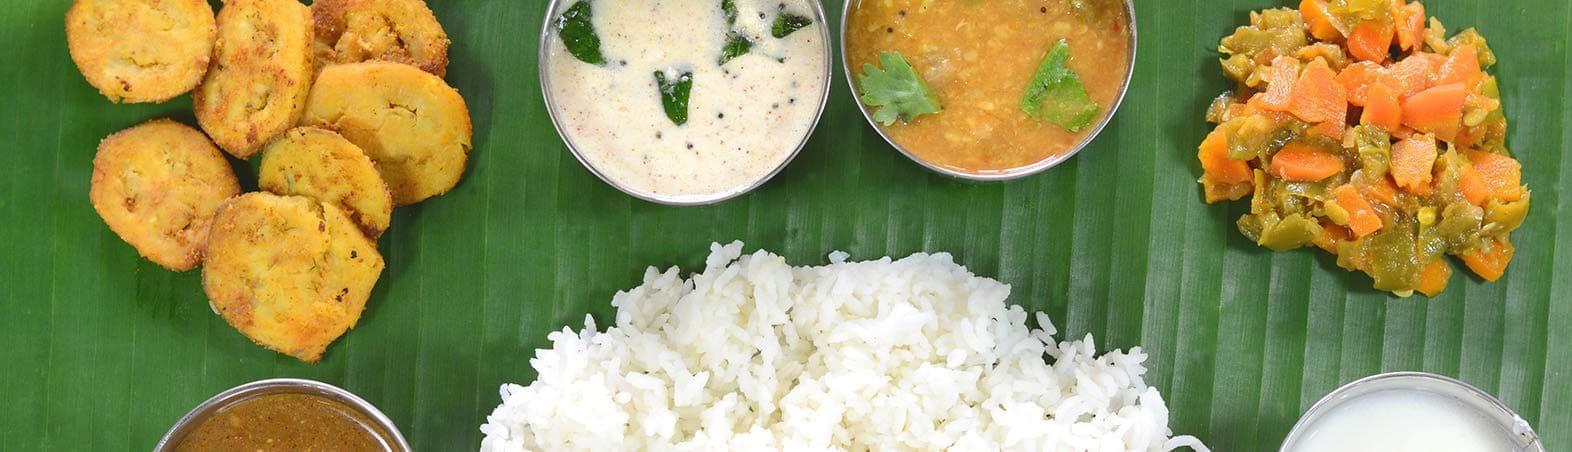 Unexplored Cuisines : Chennai